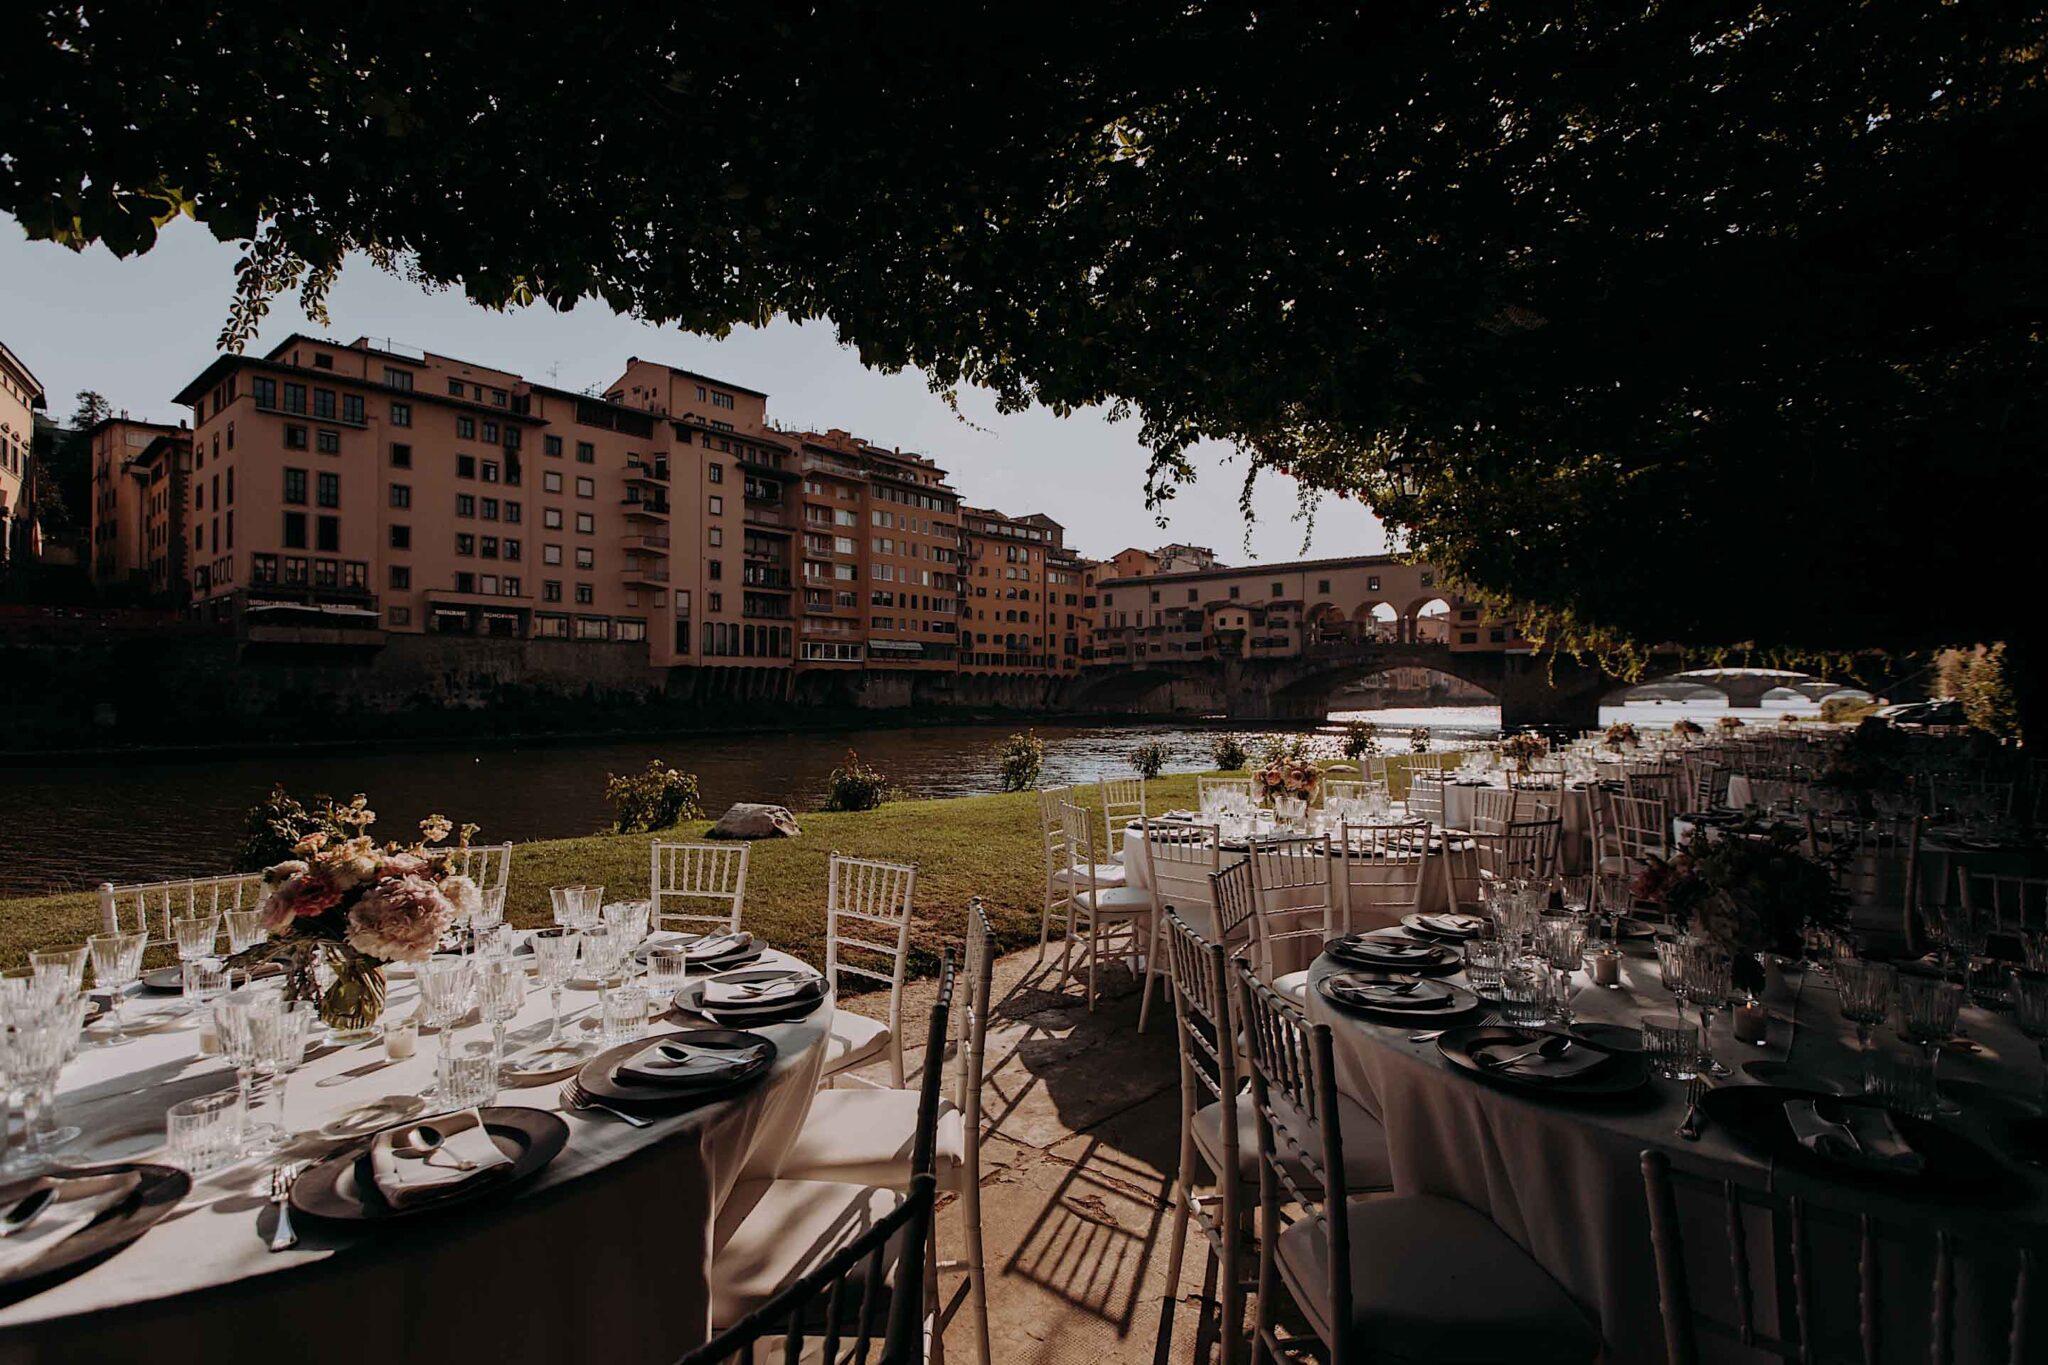 allestimento dei tavoli, alla società Canottieri Firenze